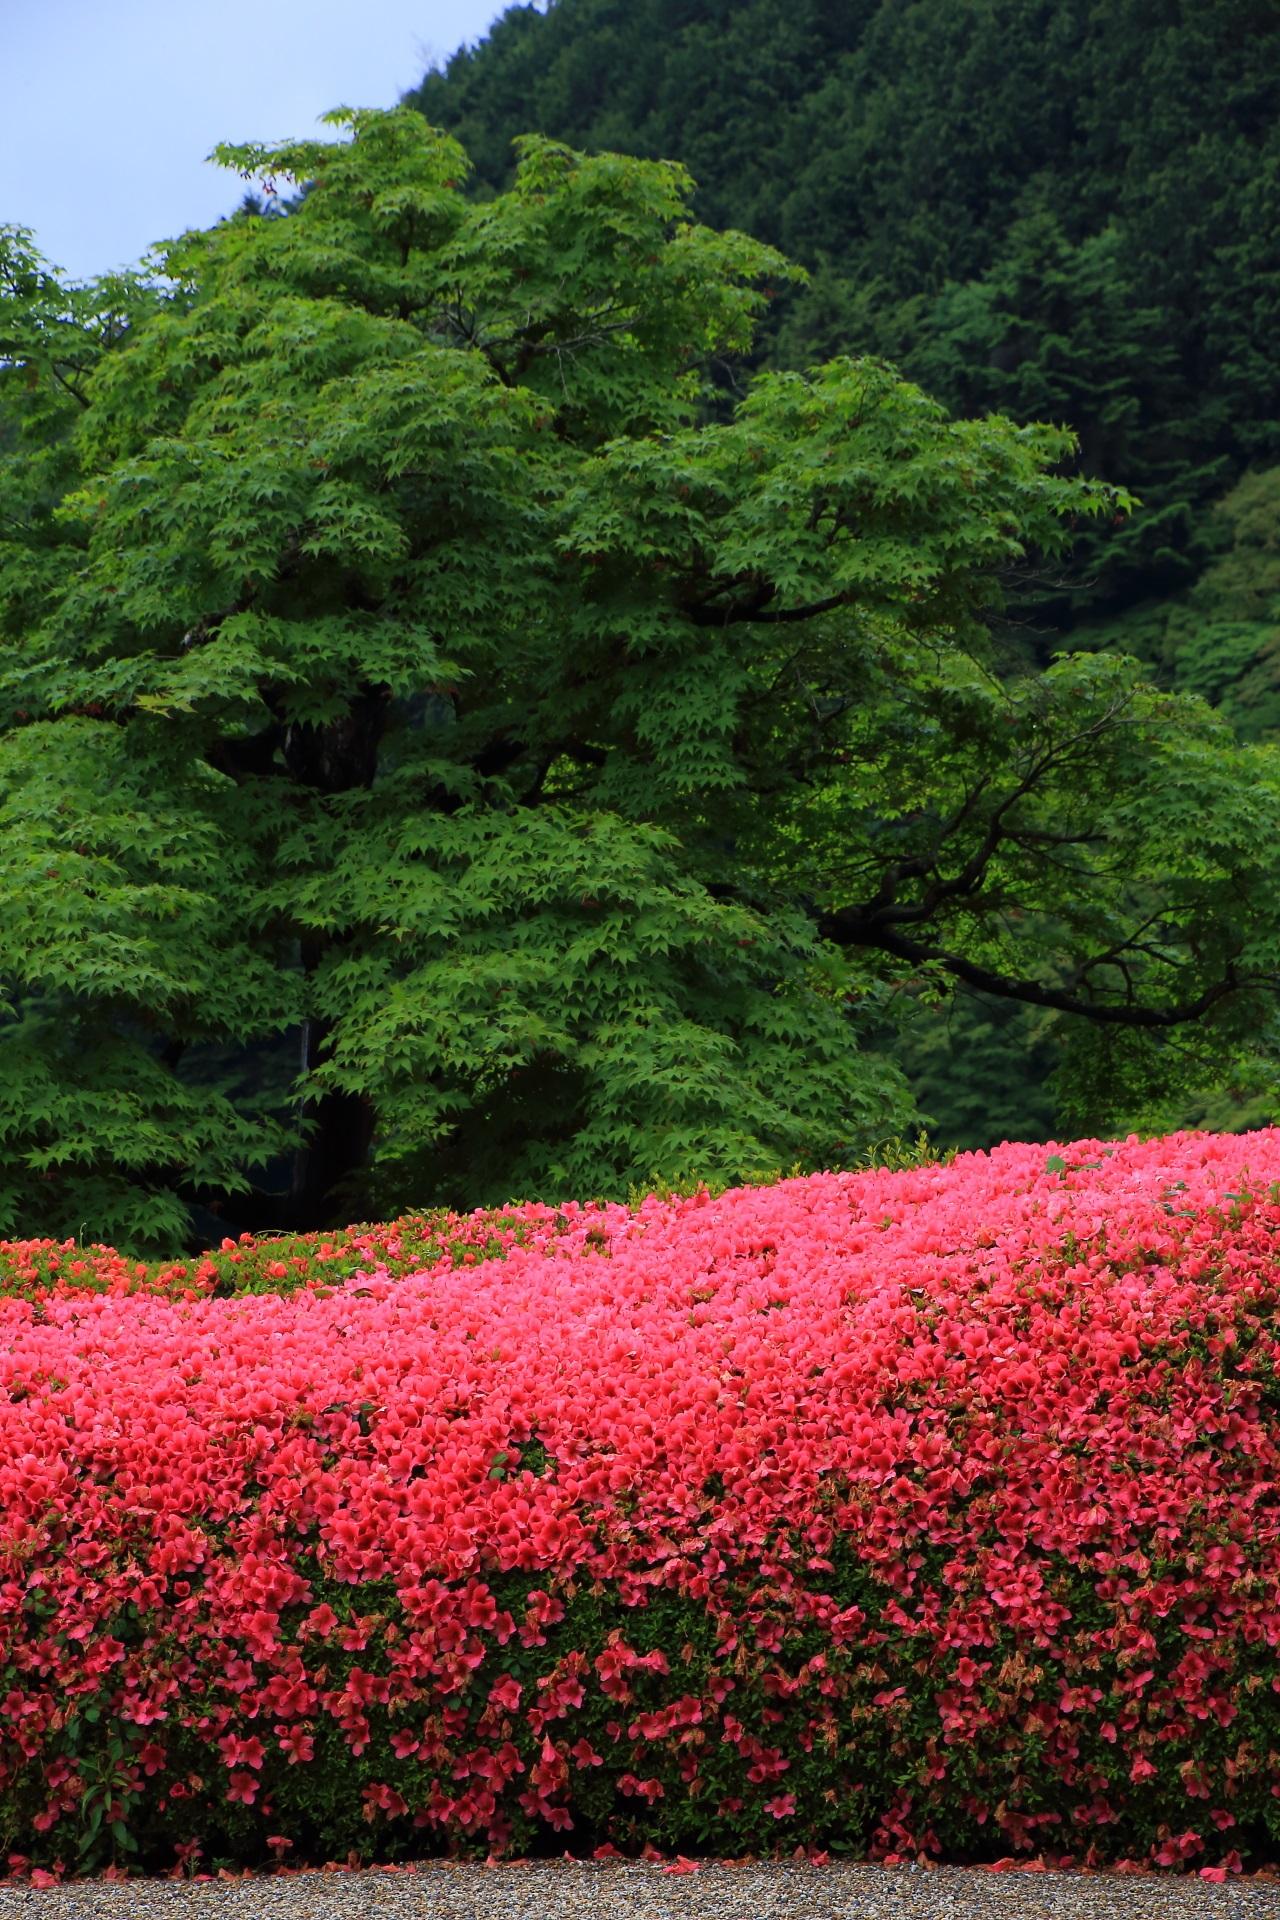 深い緑の青もみじや背景の山に映える鮮やかなピンクのサツキ